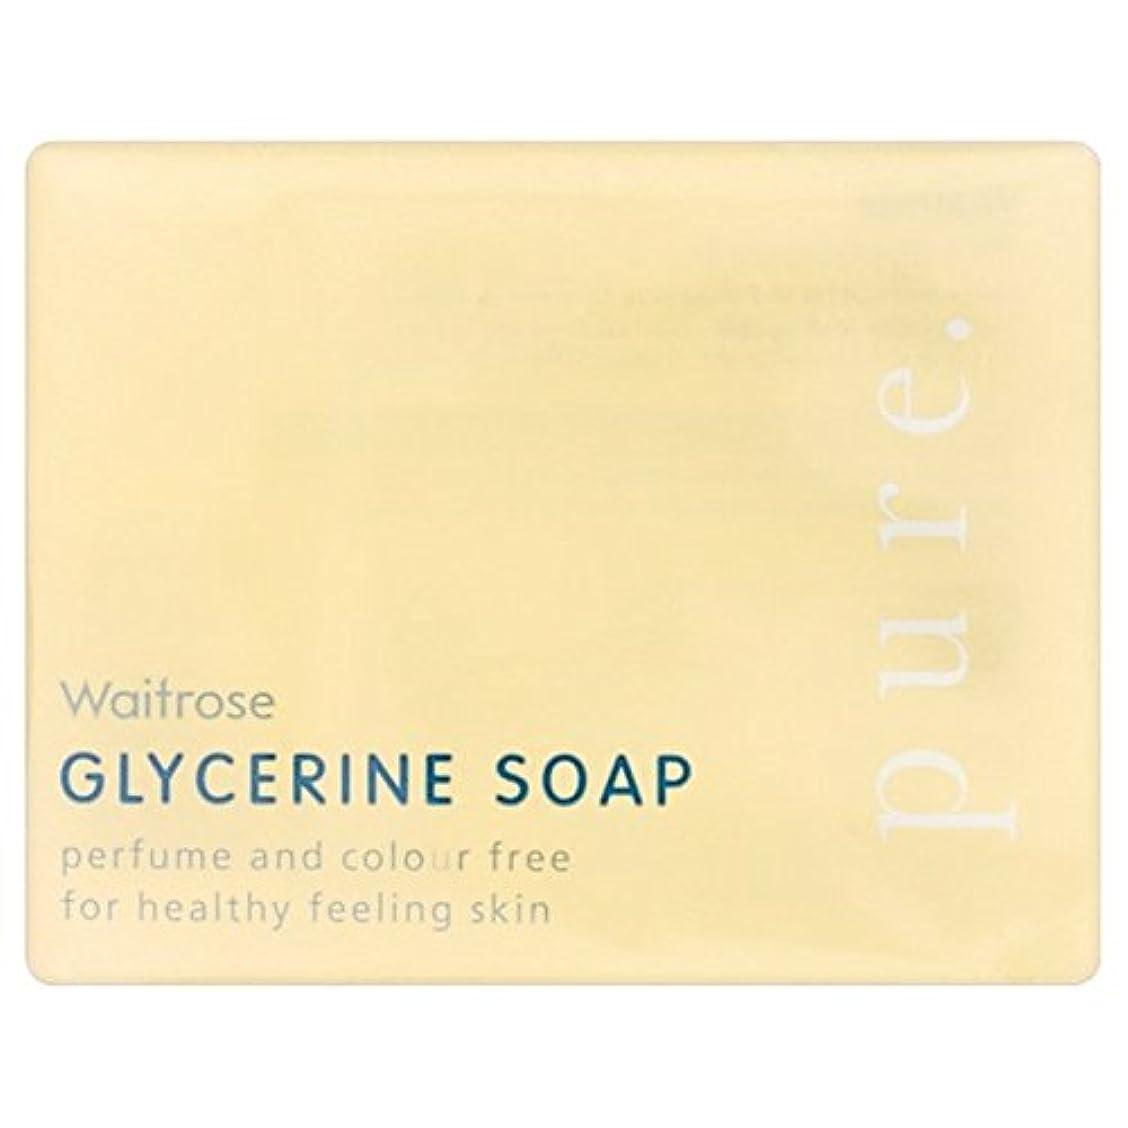 敬意を表して最初に問題Pure Glycerine Soap Waitrose 100g - 純粋なグリセリンソープウェイトローズの100グラム [並行輸入品]